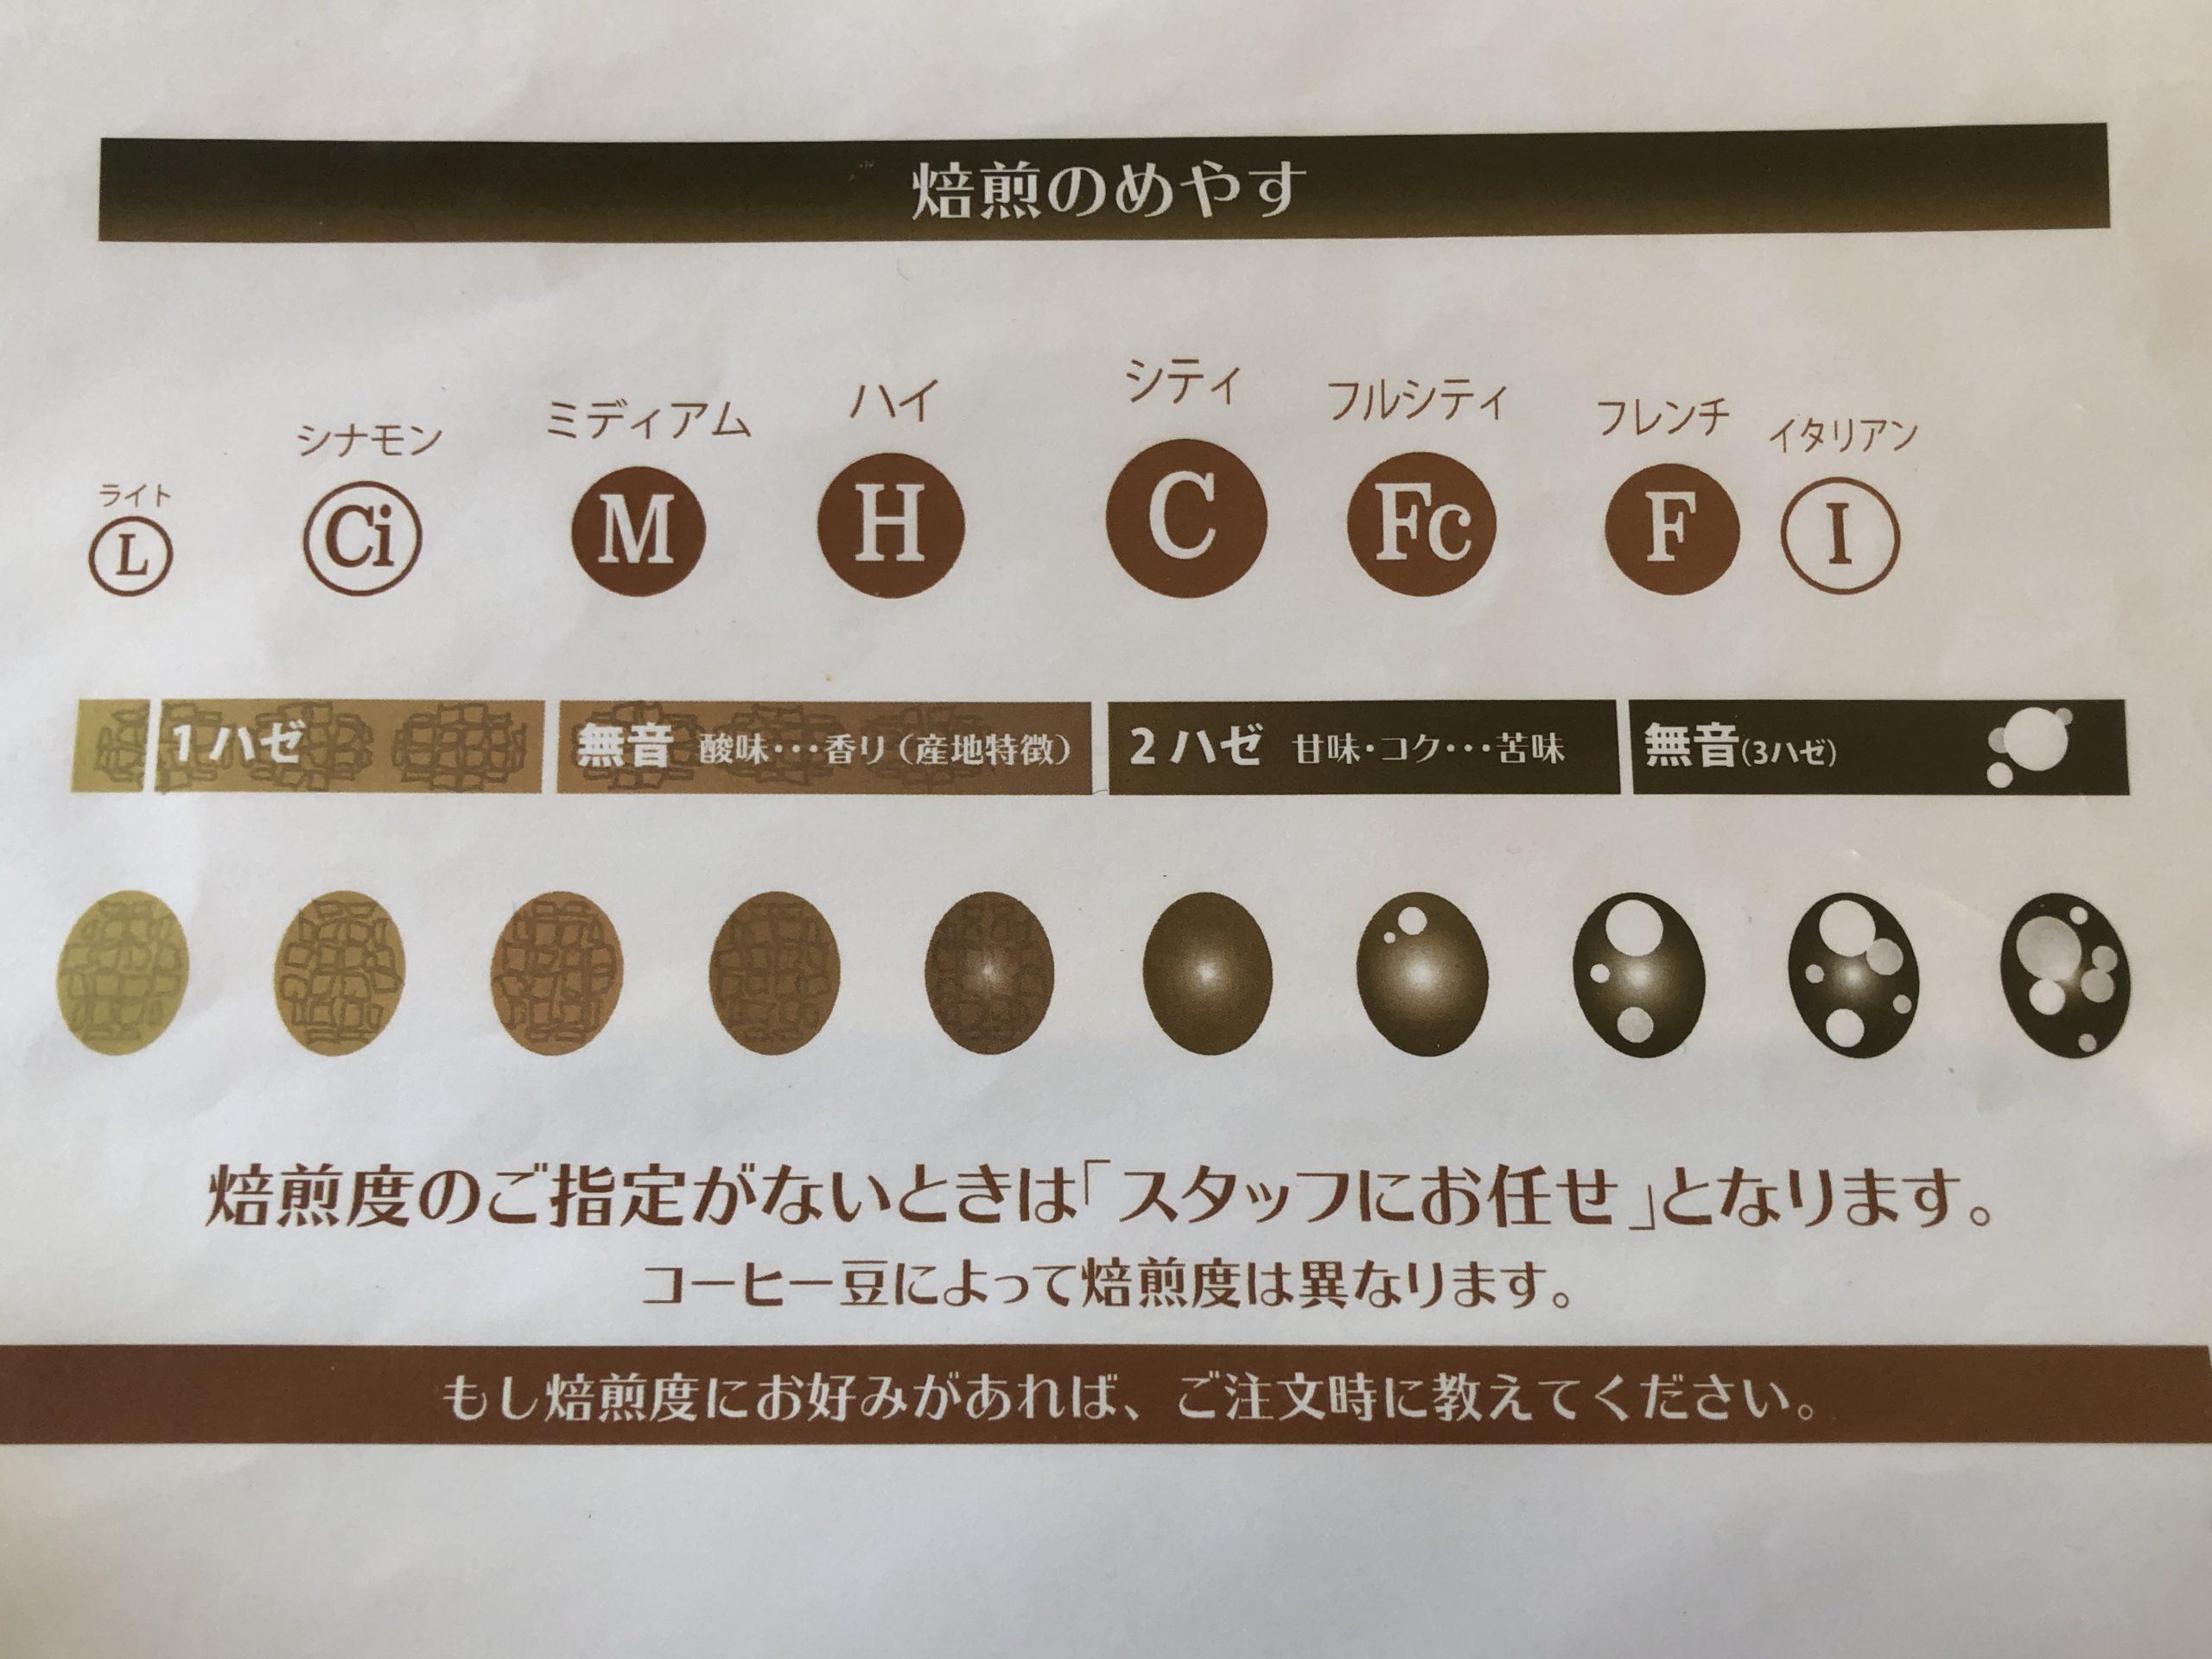 豆工房コーヒーロースト犬山店の焙煎メニュー